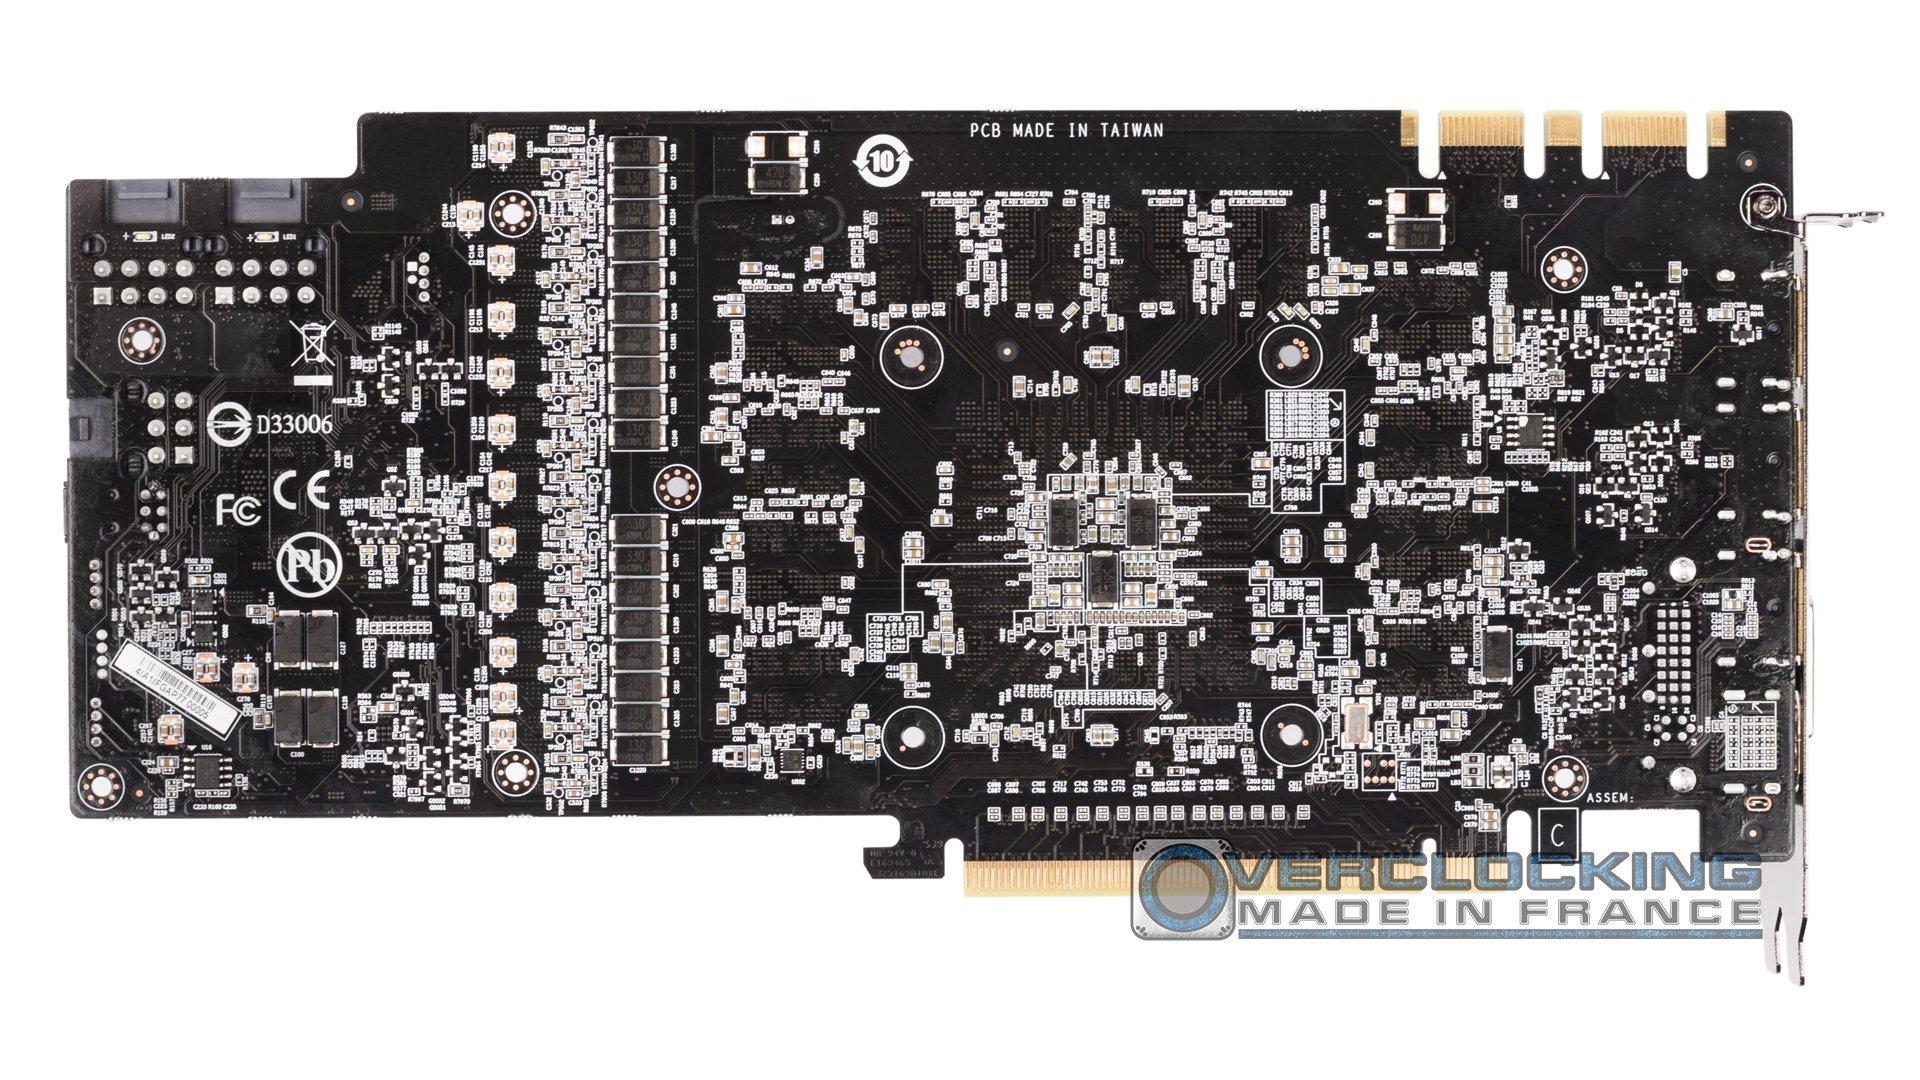 TEST || Gigabyte GTX 980 Ti Xtreme Gaming Waterforce